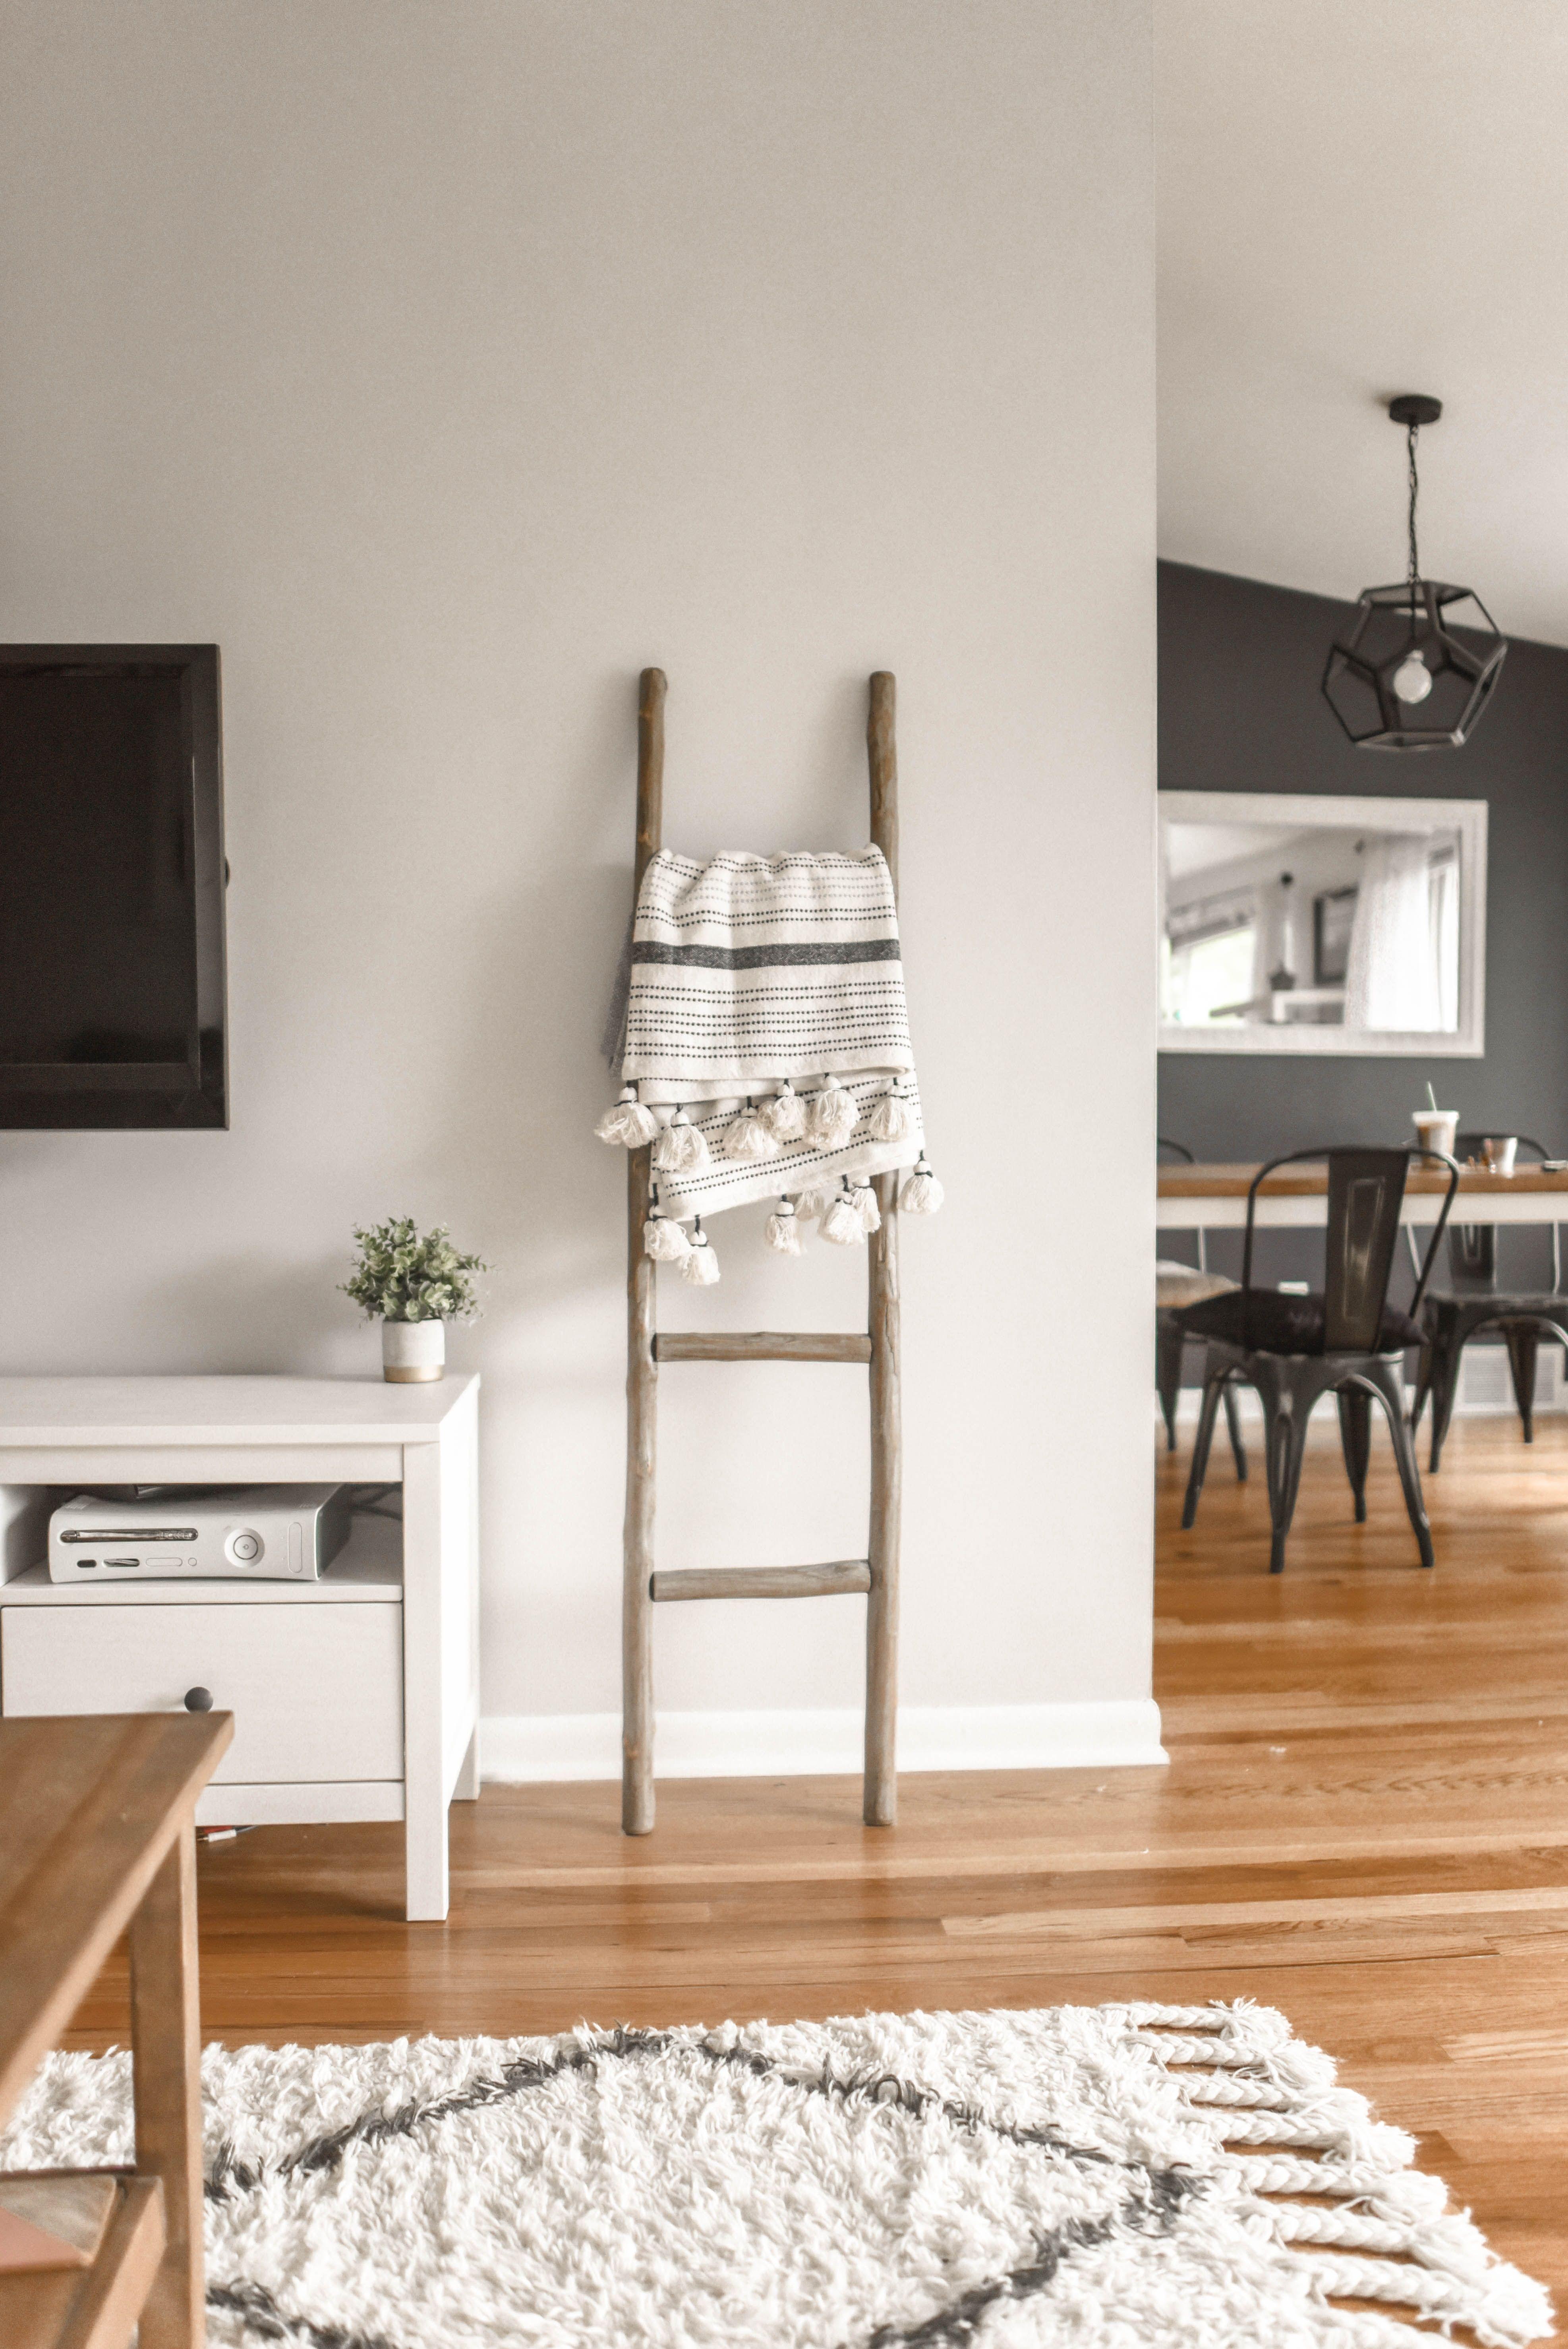 Ein Gemutliches Wohnzimmer Dass Ruhe Und Innere Balance Verspricht Dieser White Living Wohnbereich Spielt Mit Skandinavische Inneneinrichtung Dekor Haus Deko